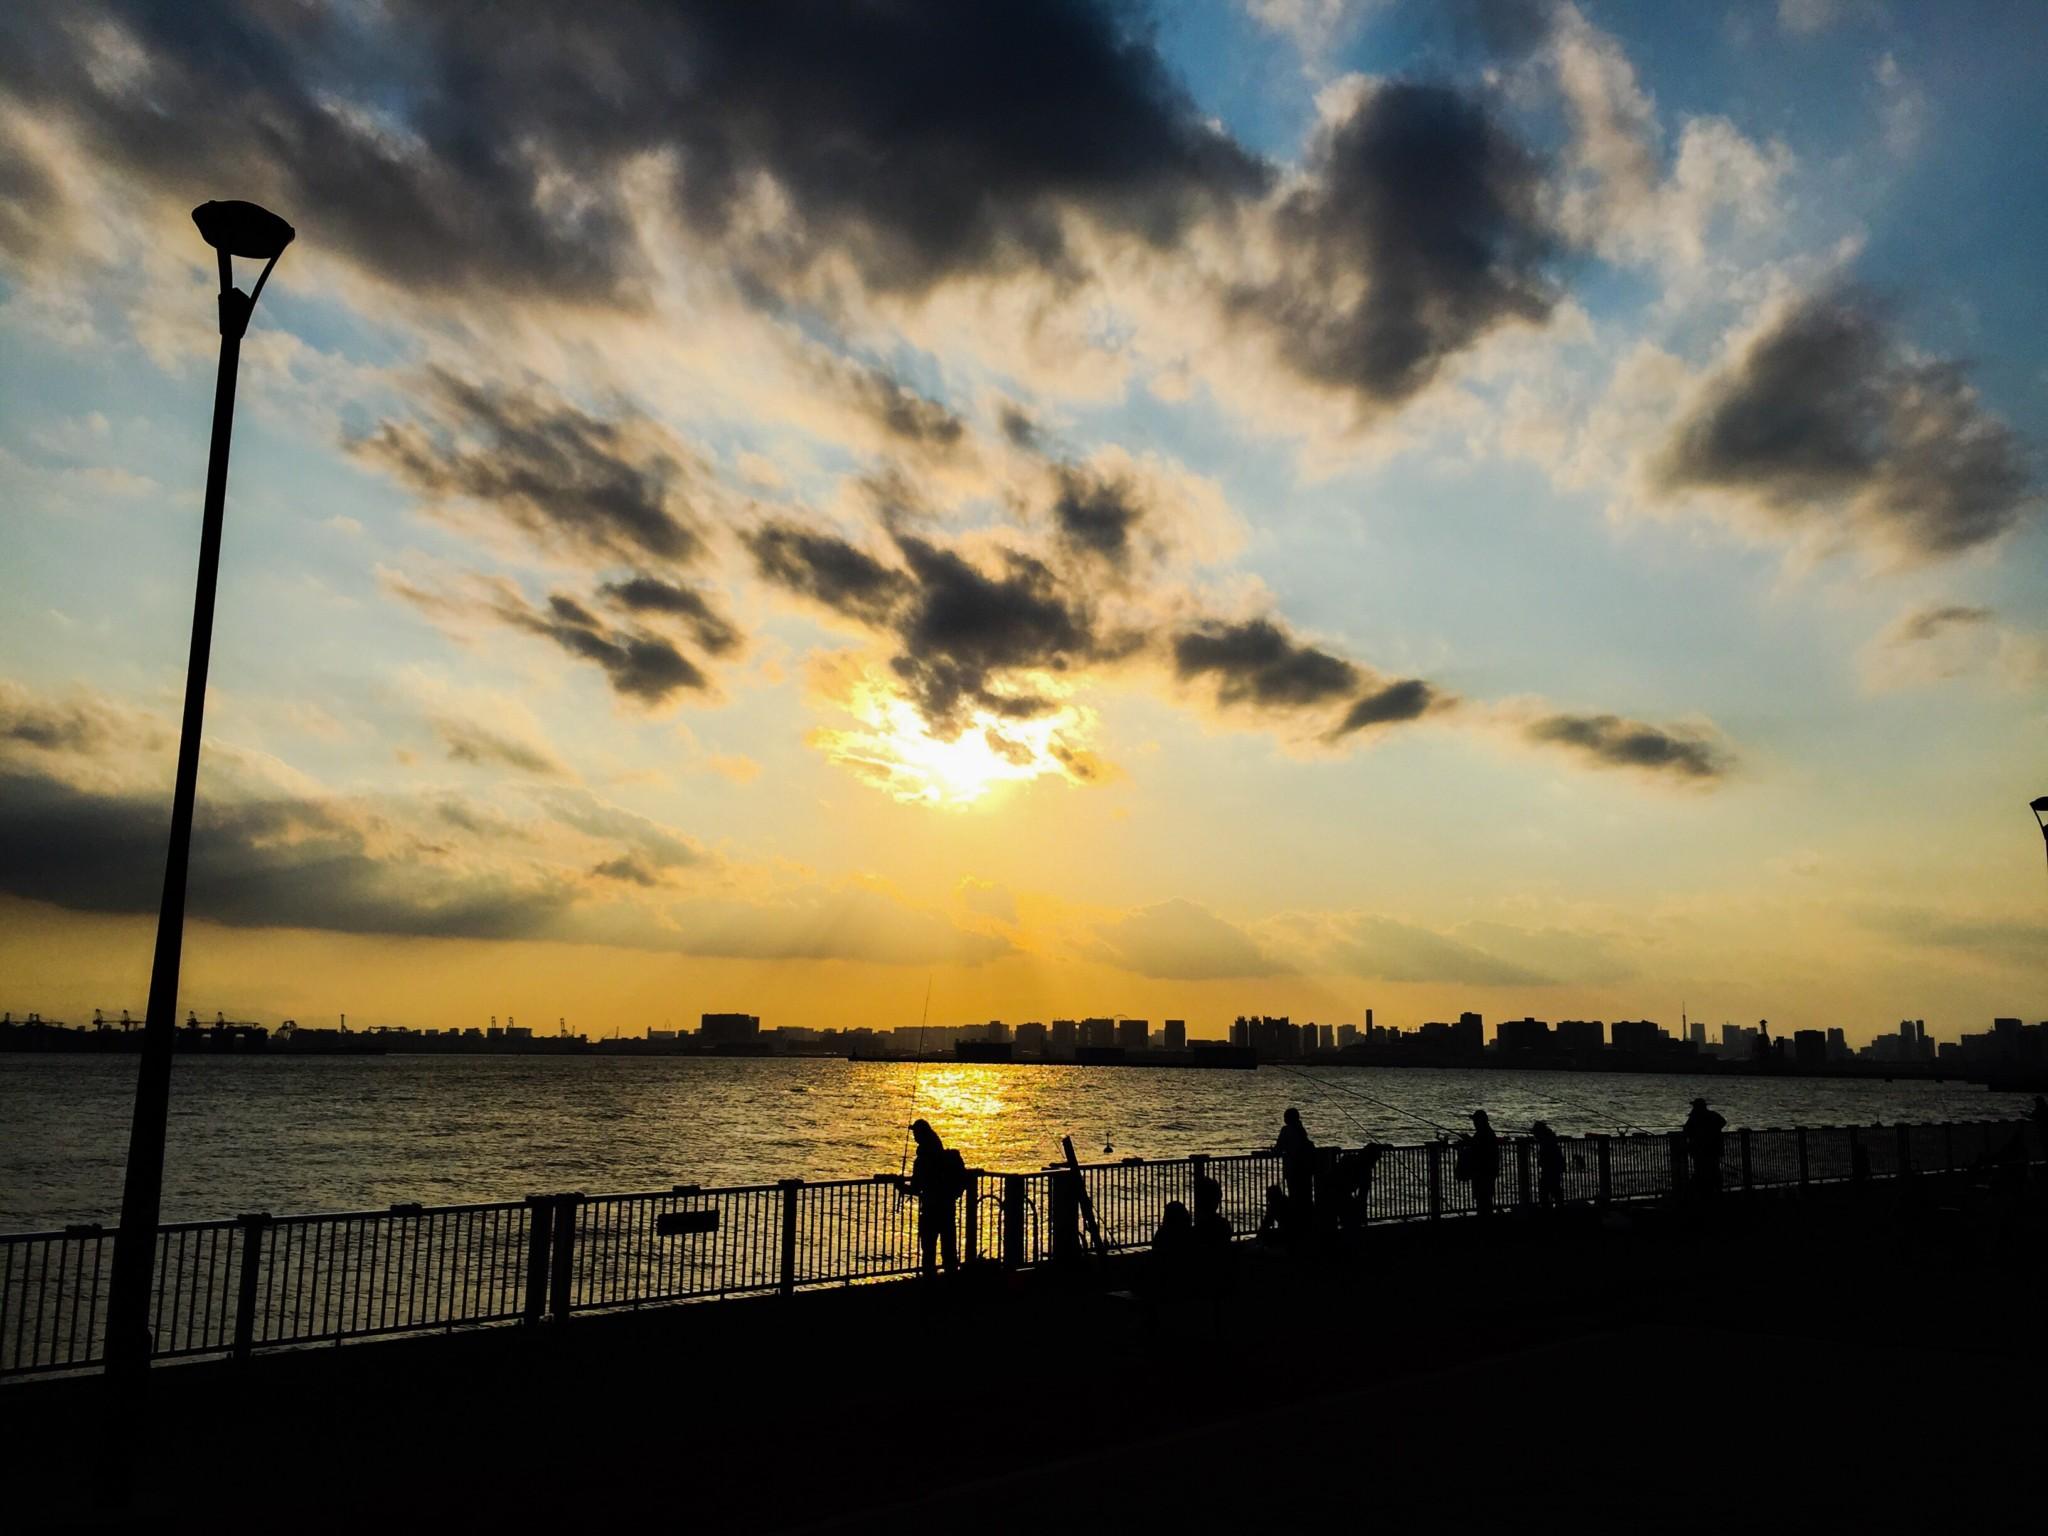 東京ゲートブリッジのすぐ近くの海浜公園の夕焼け